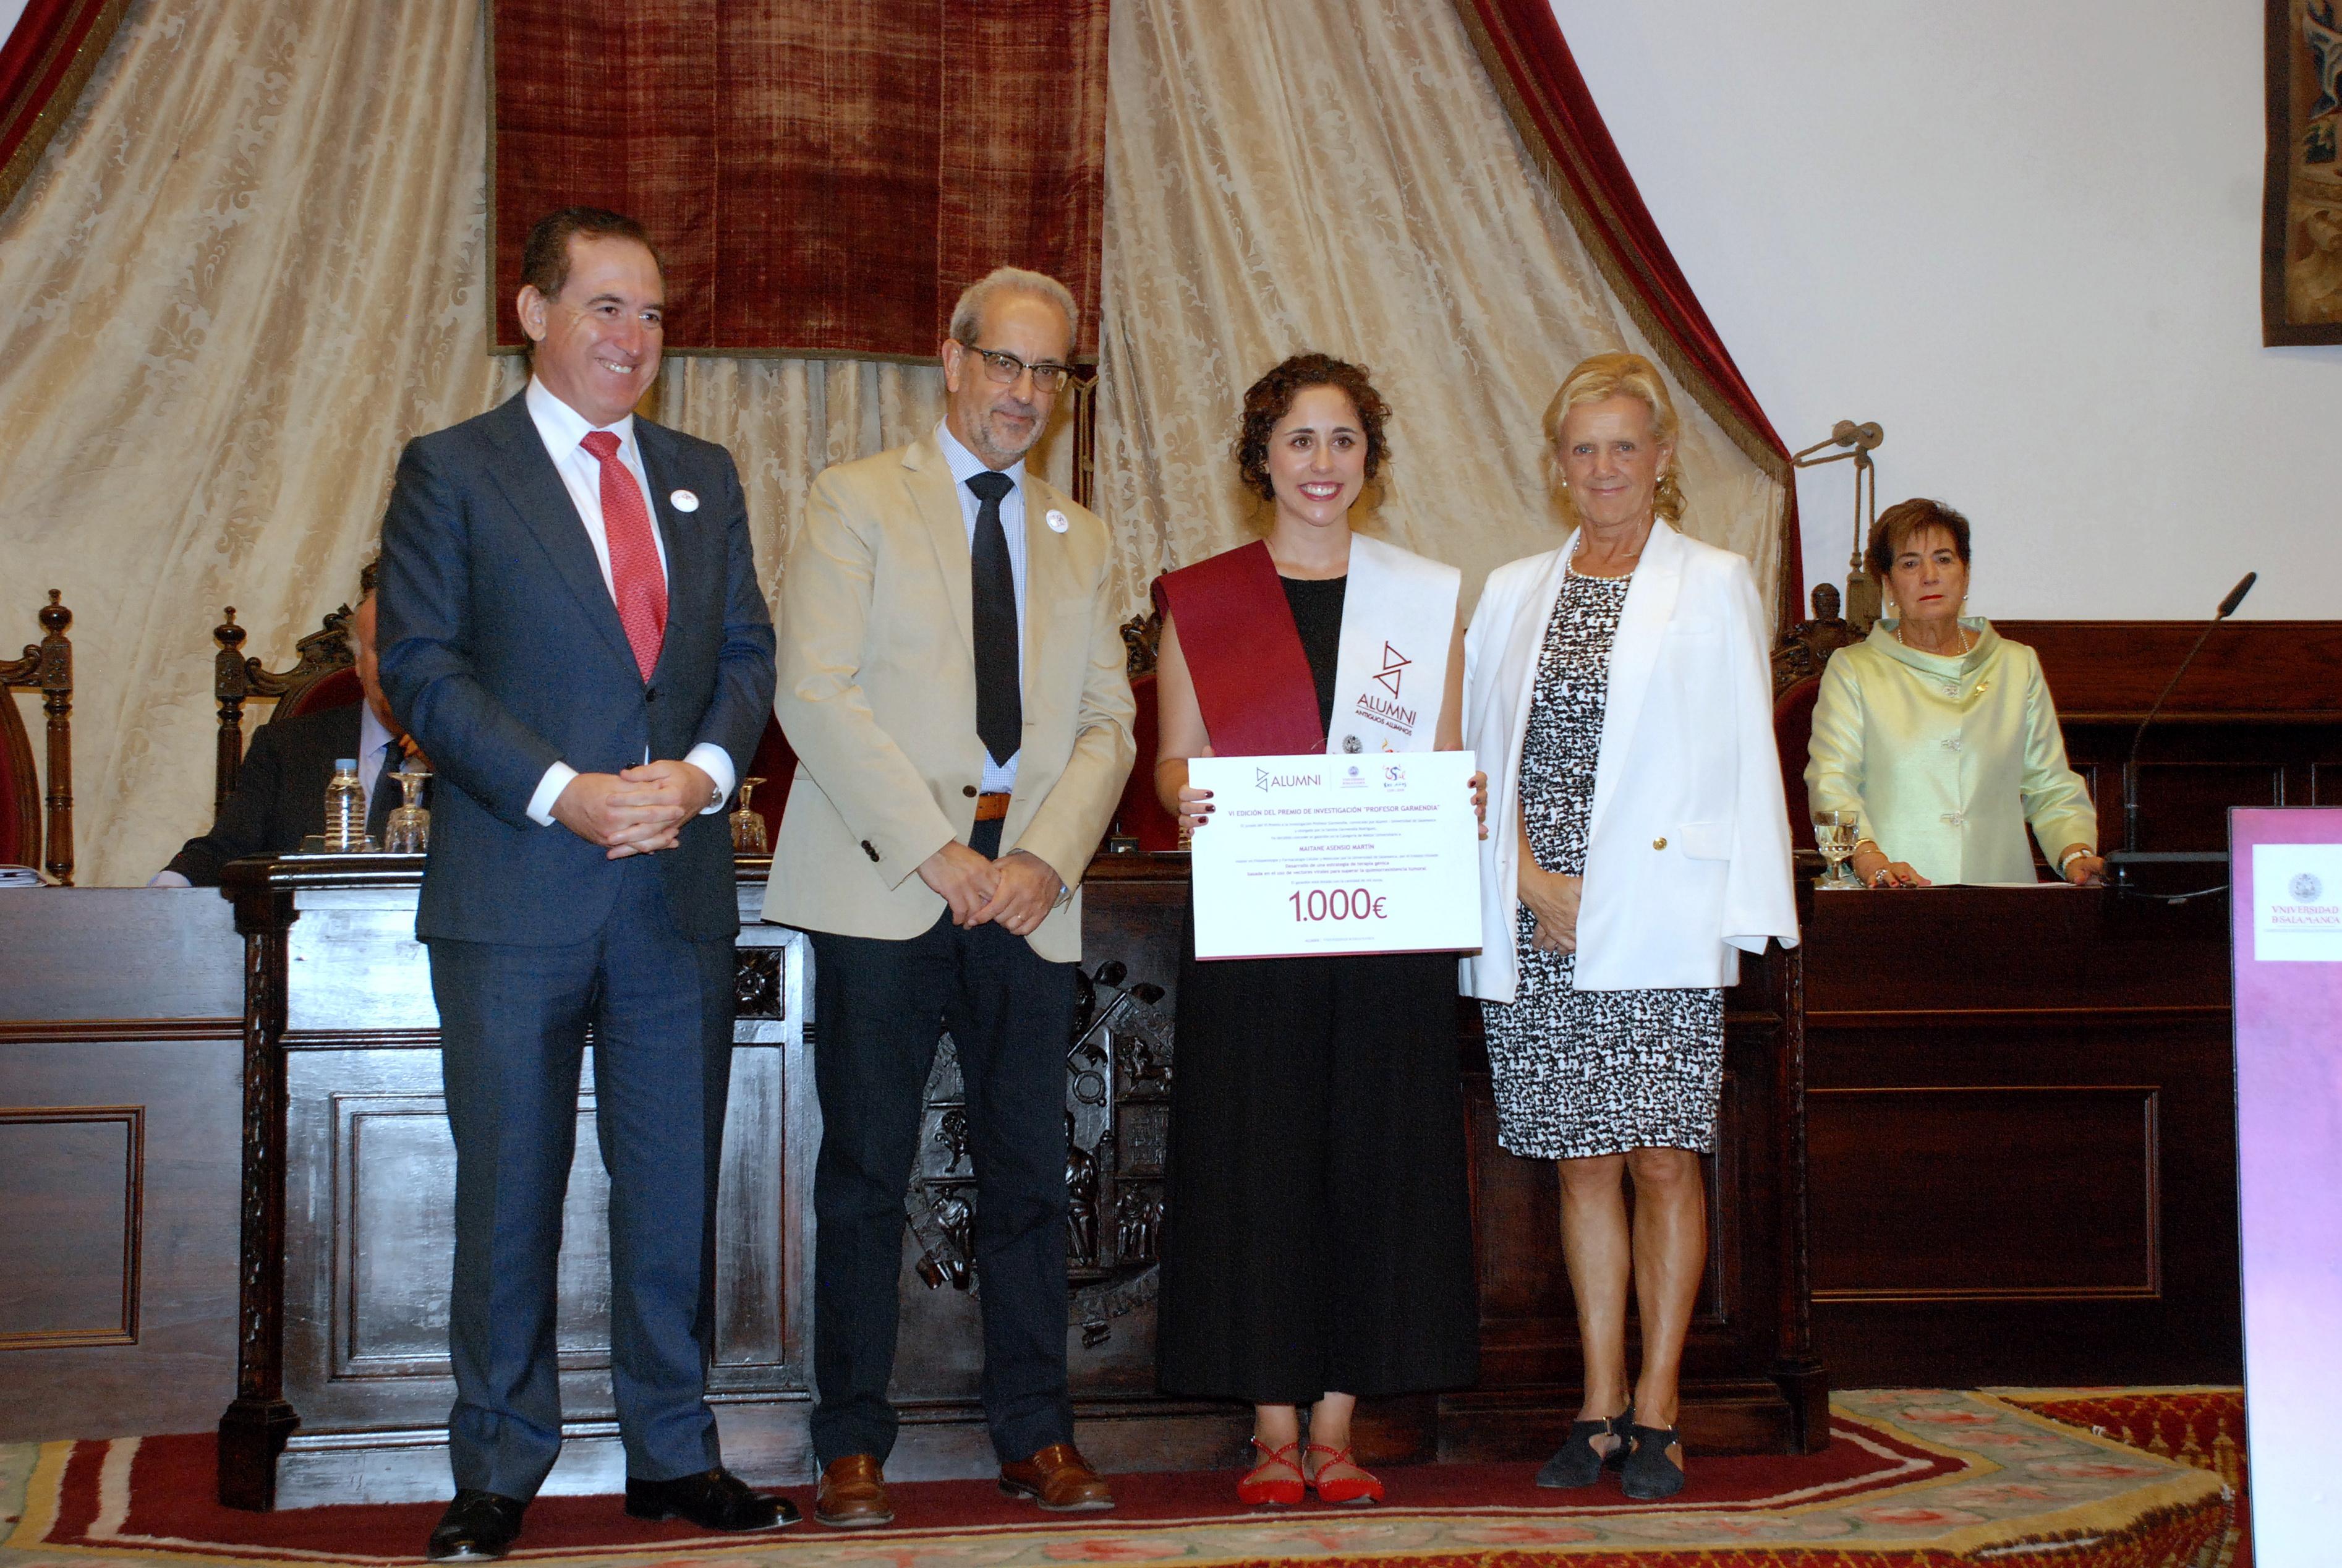 Vicente del Bosque e Ignacio Garmendia, nuevos Socios de Honor de Alumni - Universidad de Salamanca